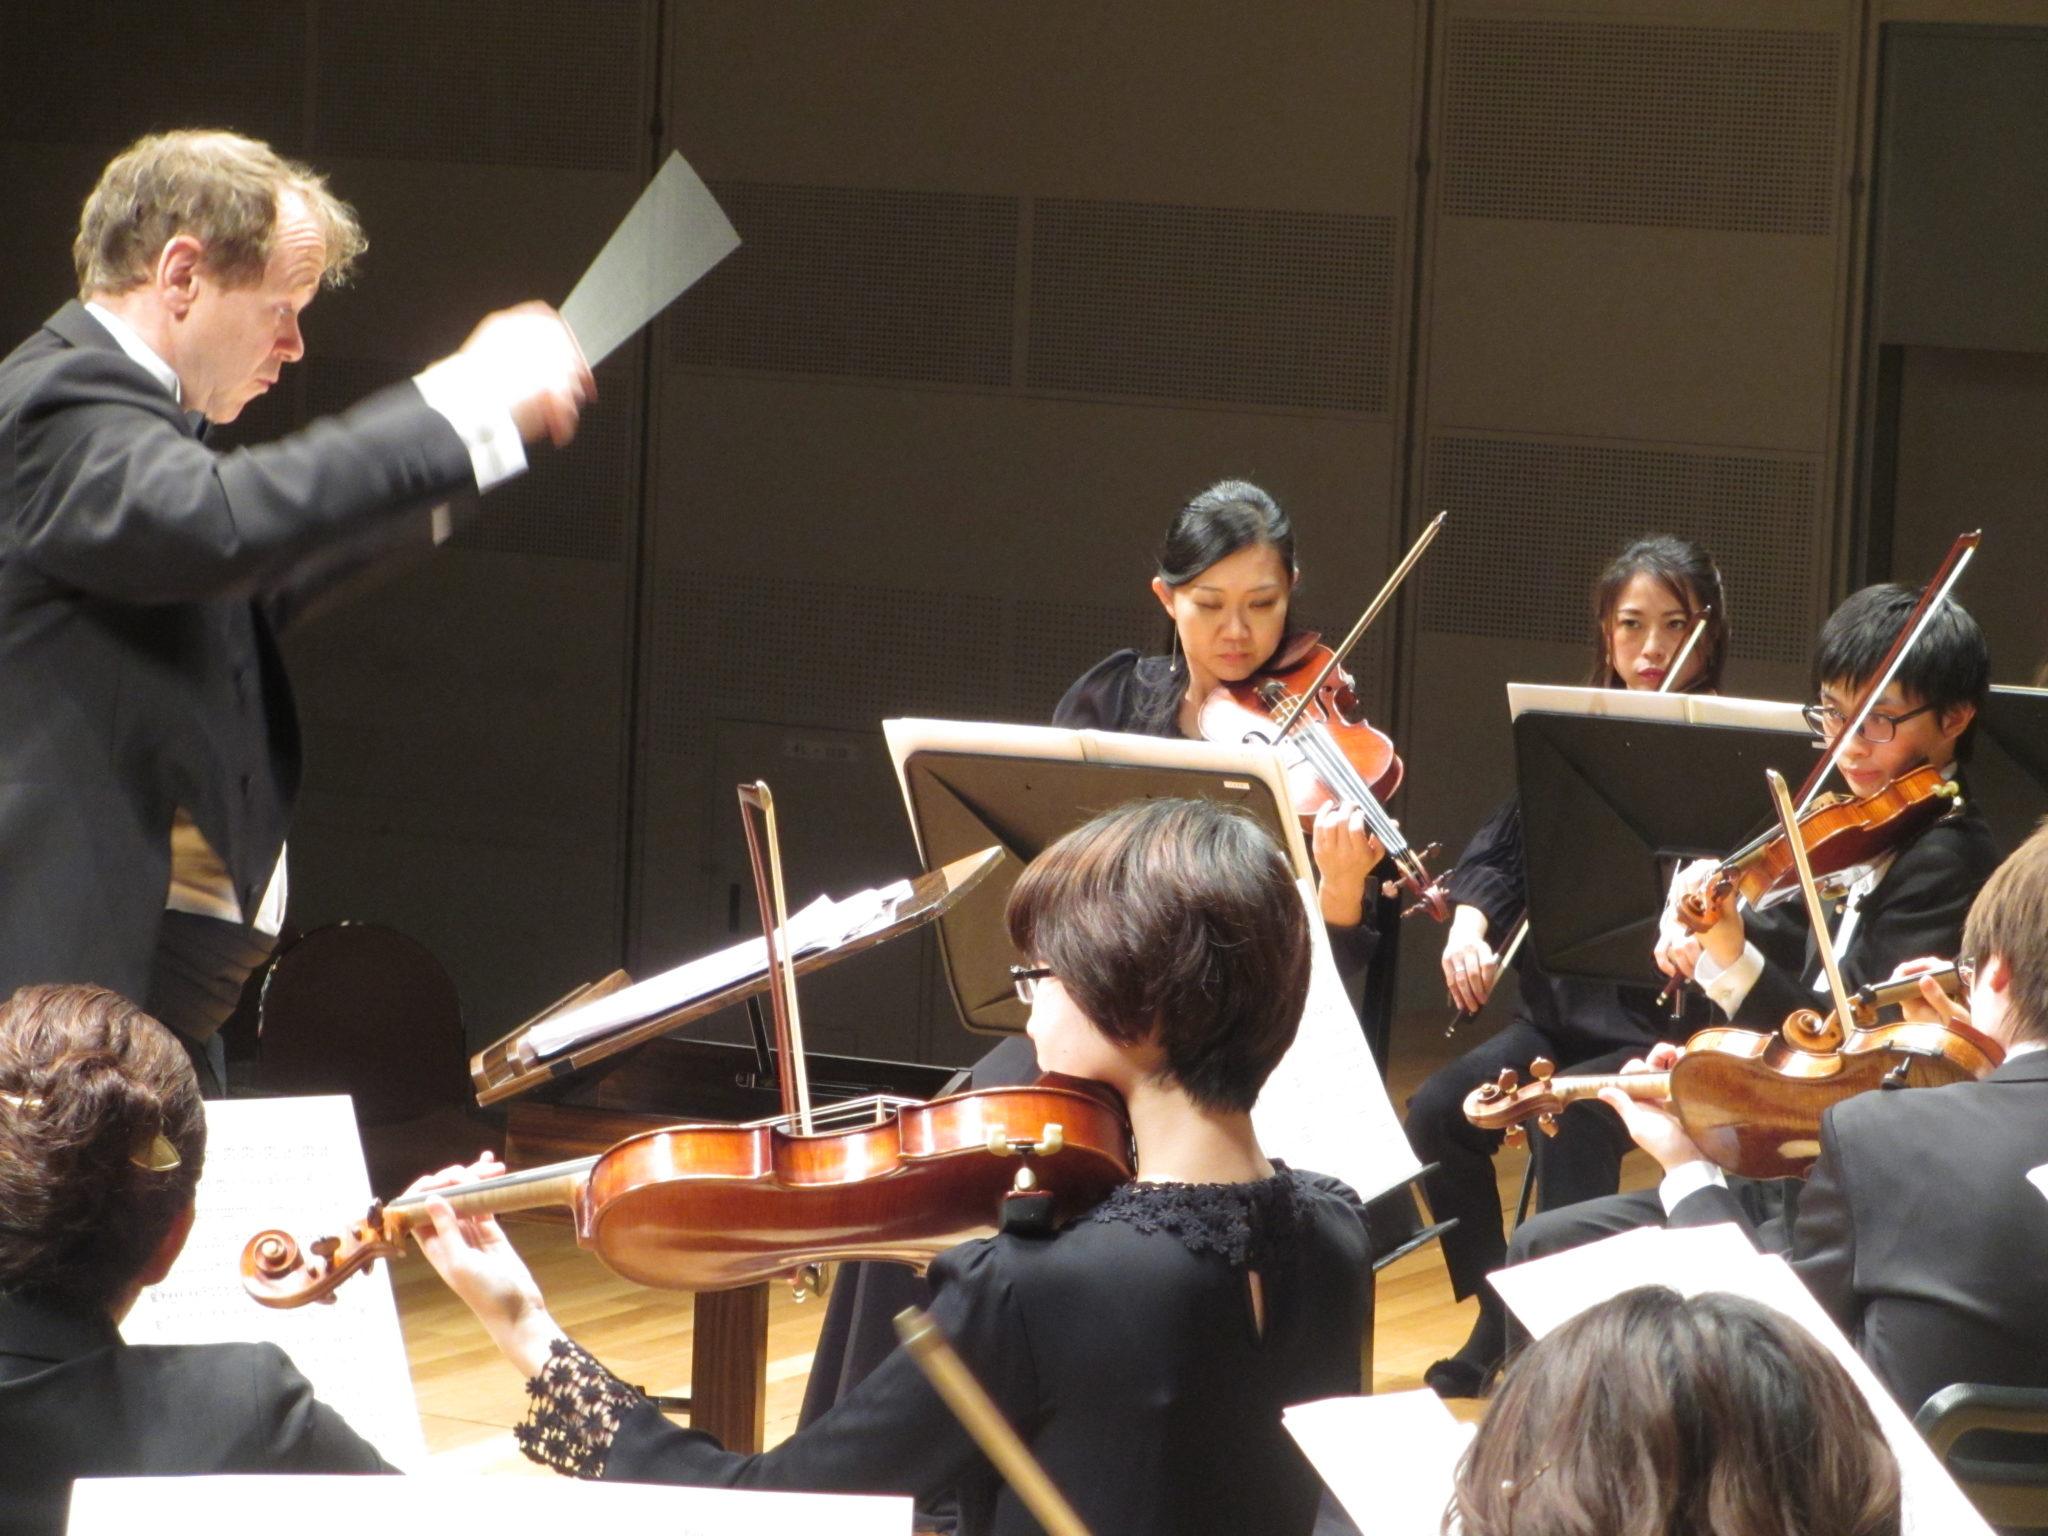 【ギャラリー/指揮者・オーケストラ】2018年12月1日(土)2日(日)ヌーベルバーグ2018 PART3&4